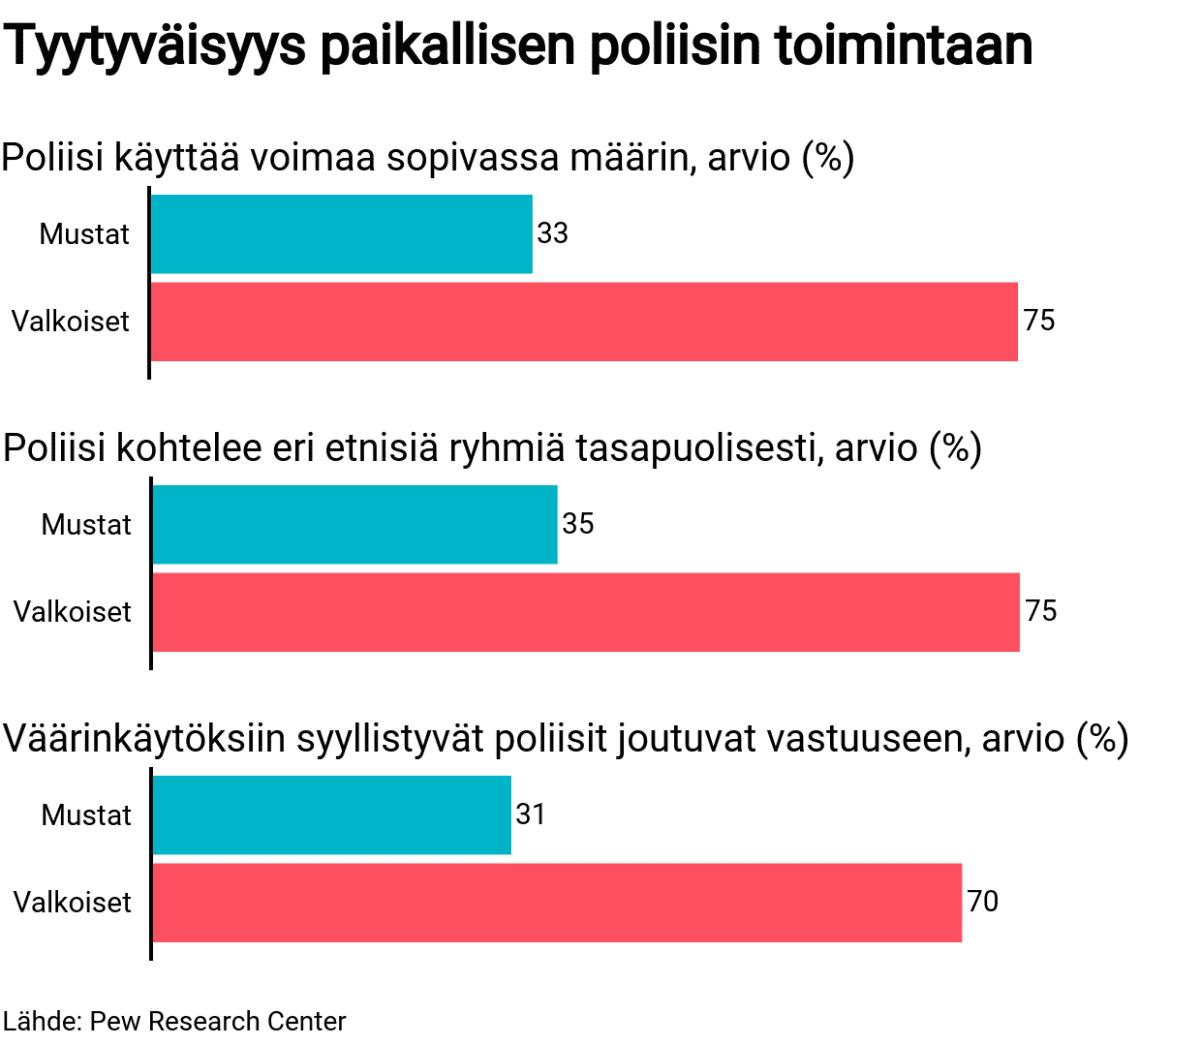 Tilastografiikka tyytyväisyydestä paikallisen poliisin toimintaan.